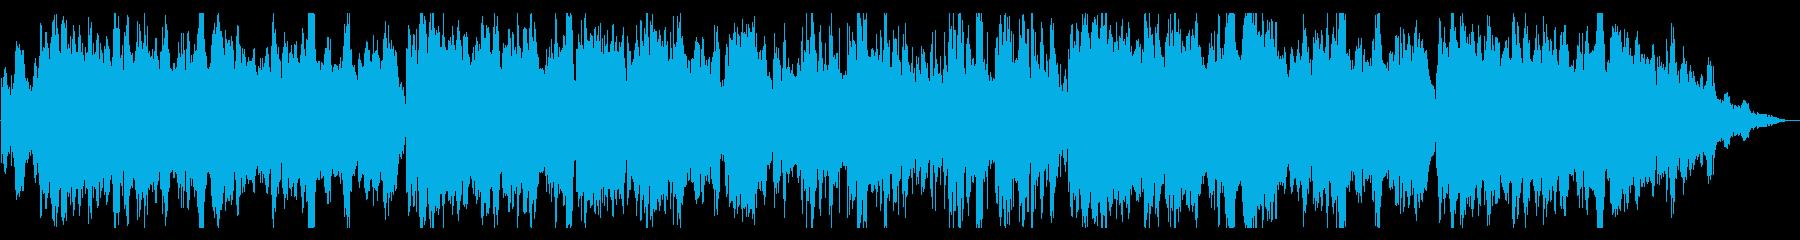 幽霊屋敷・怪談・お化け屋敷…ホラーBGMの再生済みの波形